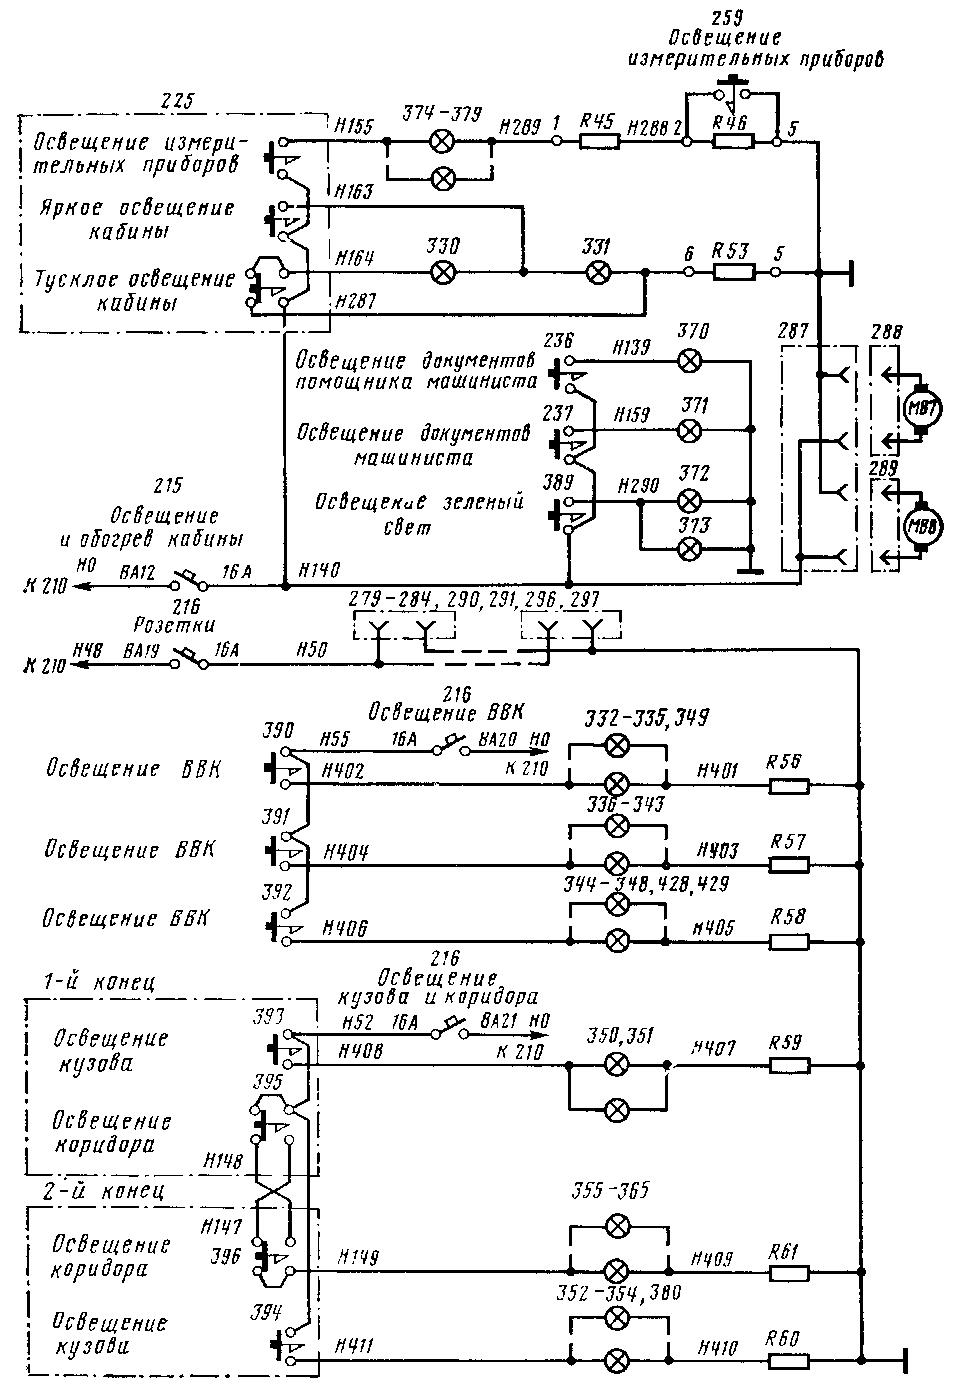 Схема цепей управления освещением